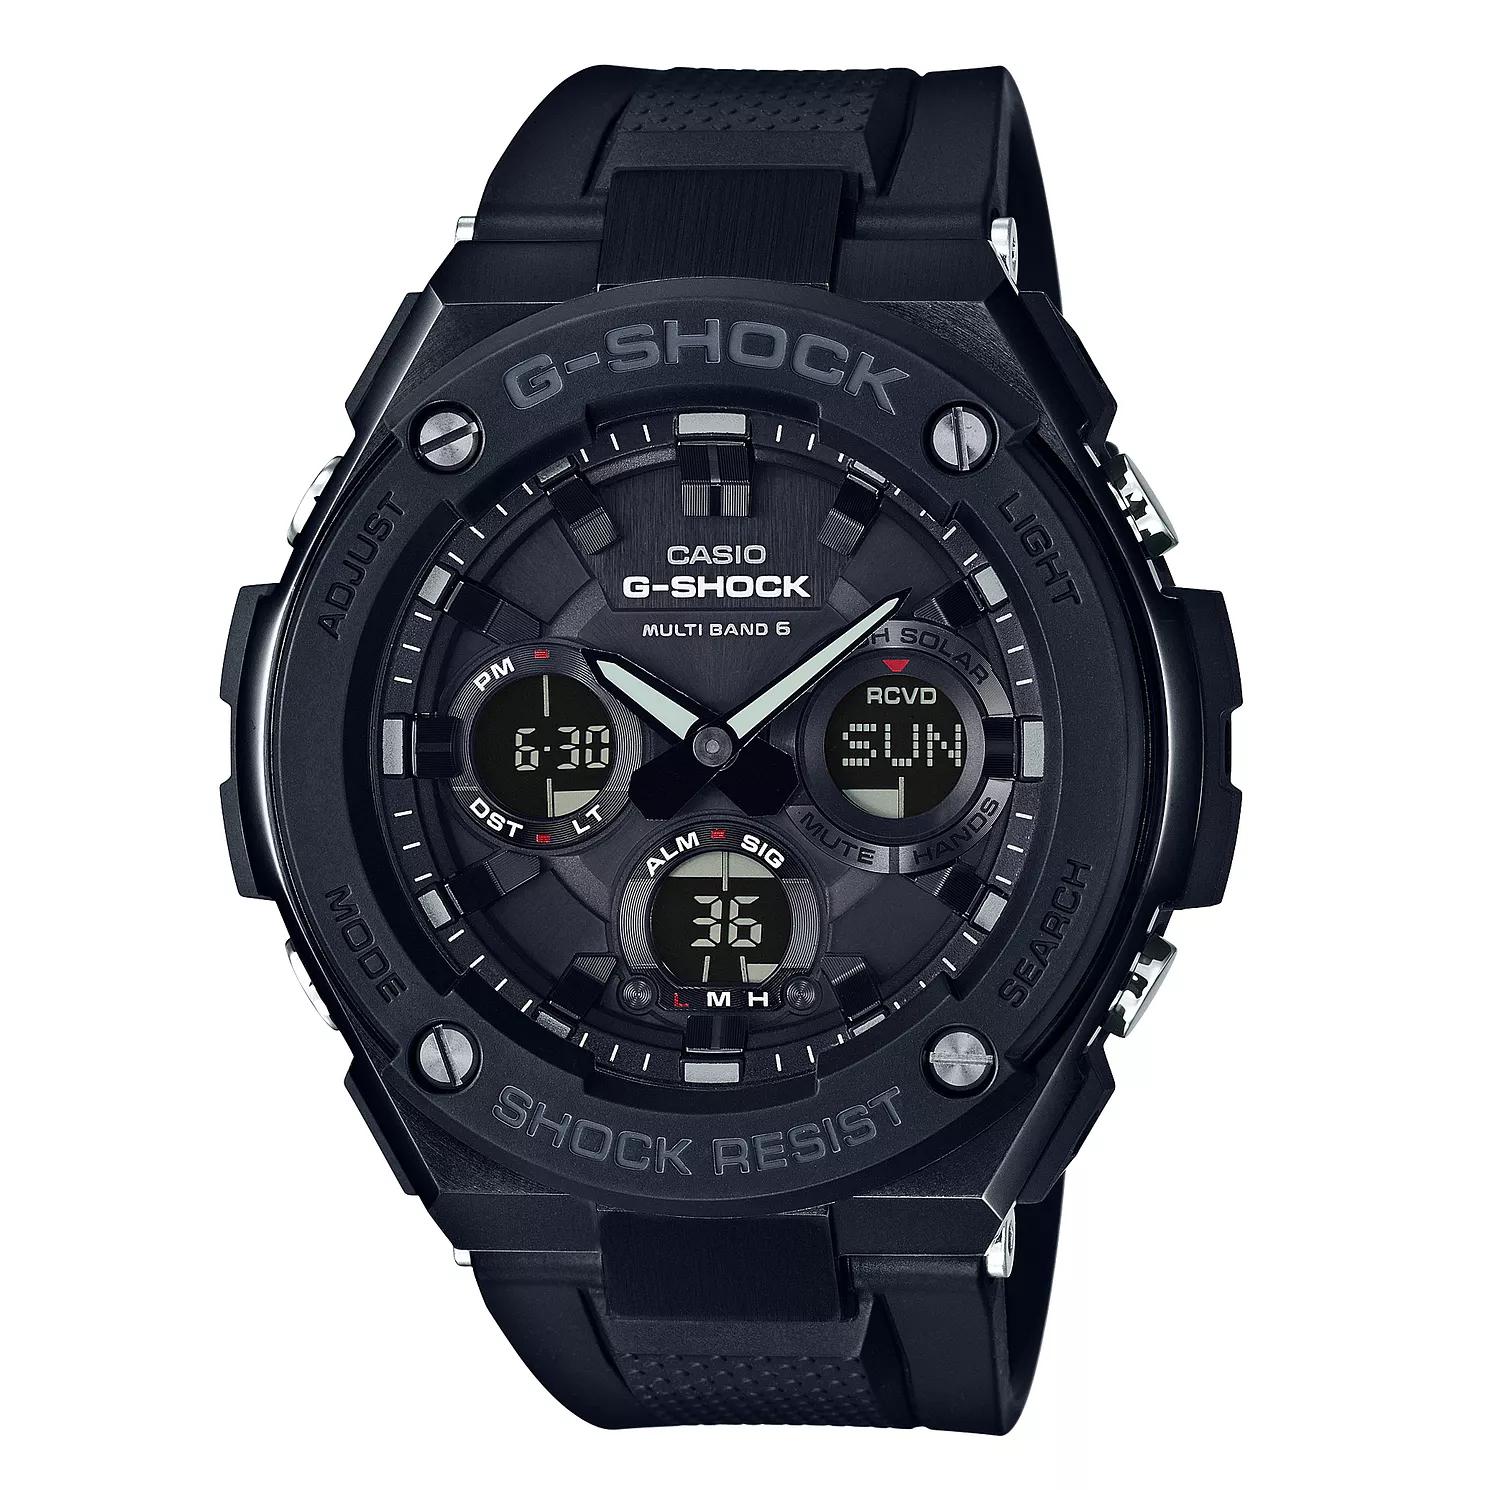 Casio G-Shock G-Steel Men's Stainless Steel Watch GST-W100G-1BER - £119 @ H Samuel